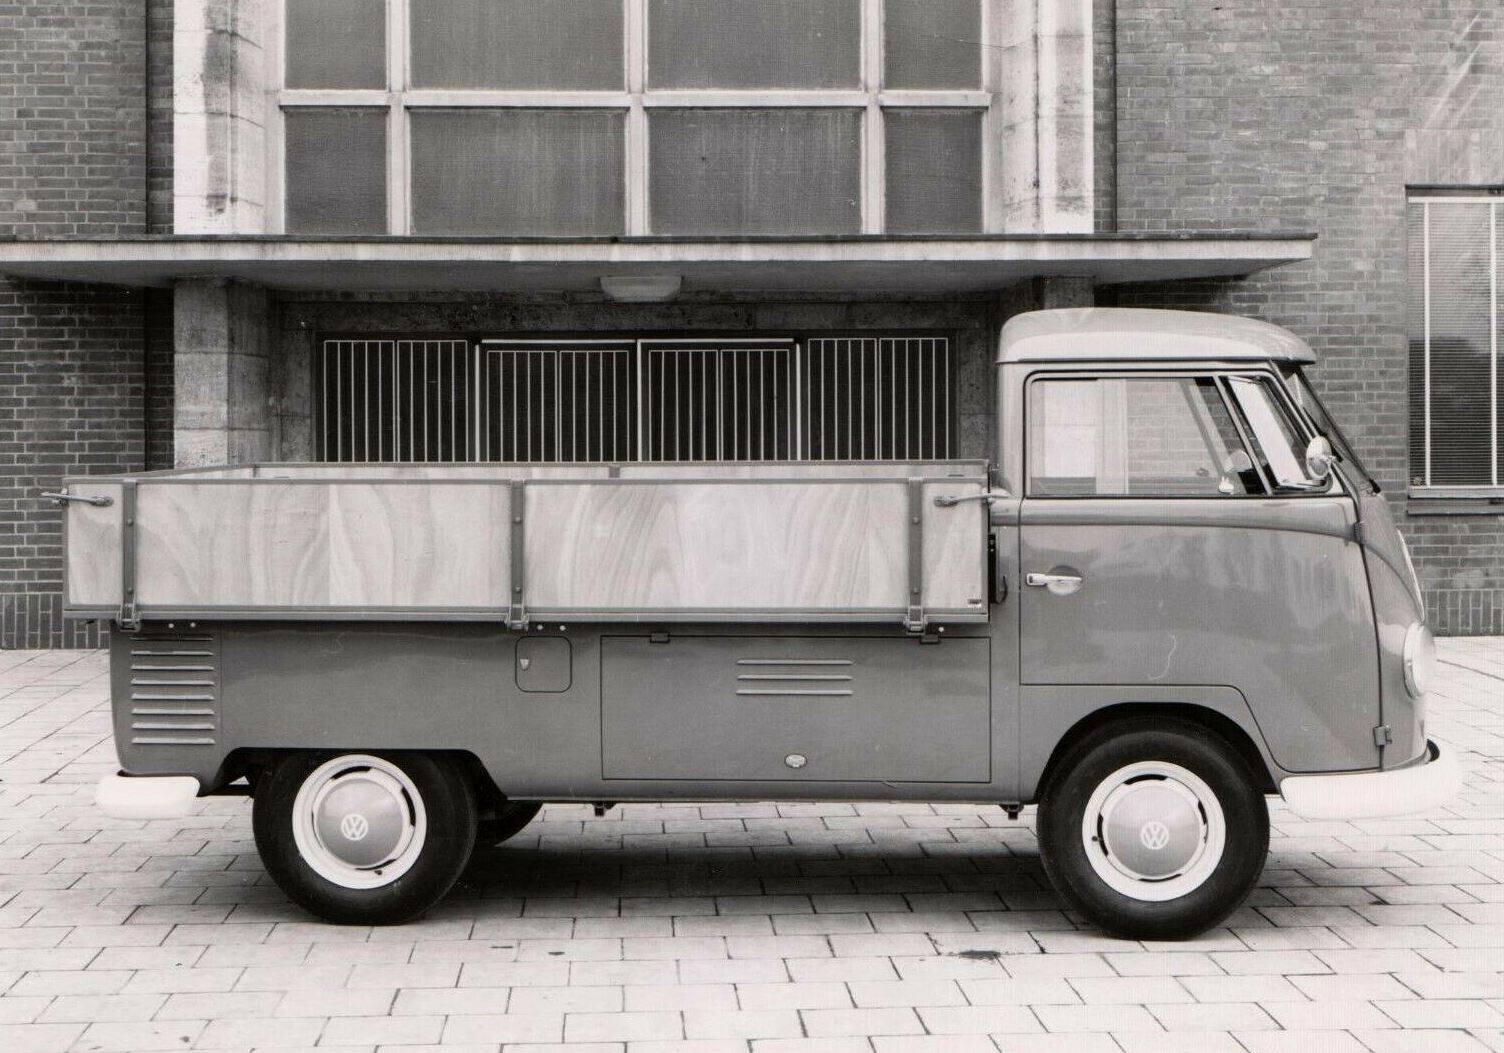 VW-met-openbakje--voordat-de-naam-erop-kwam